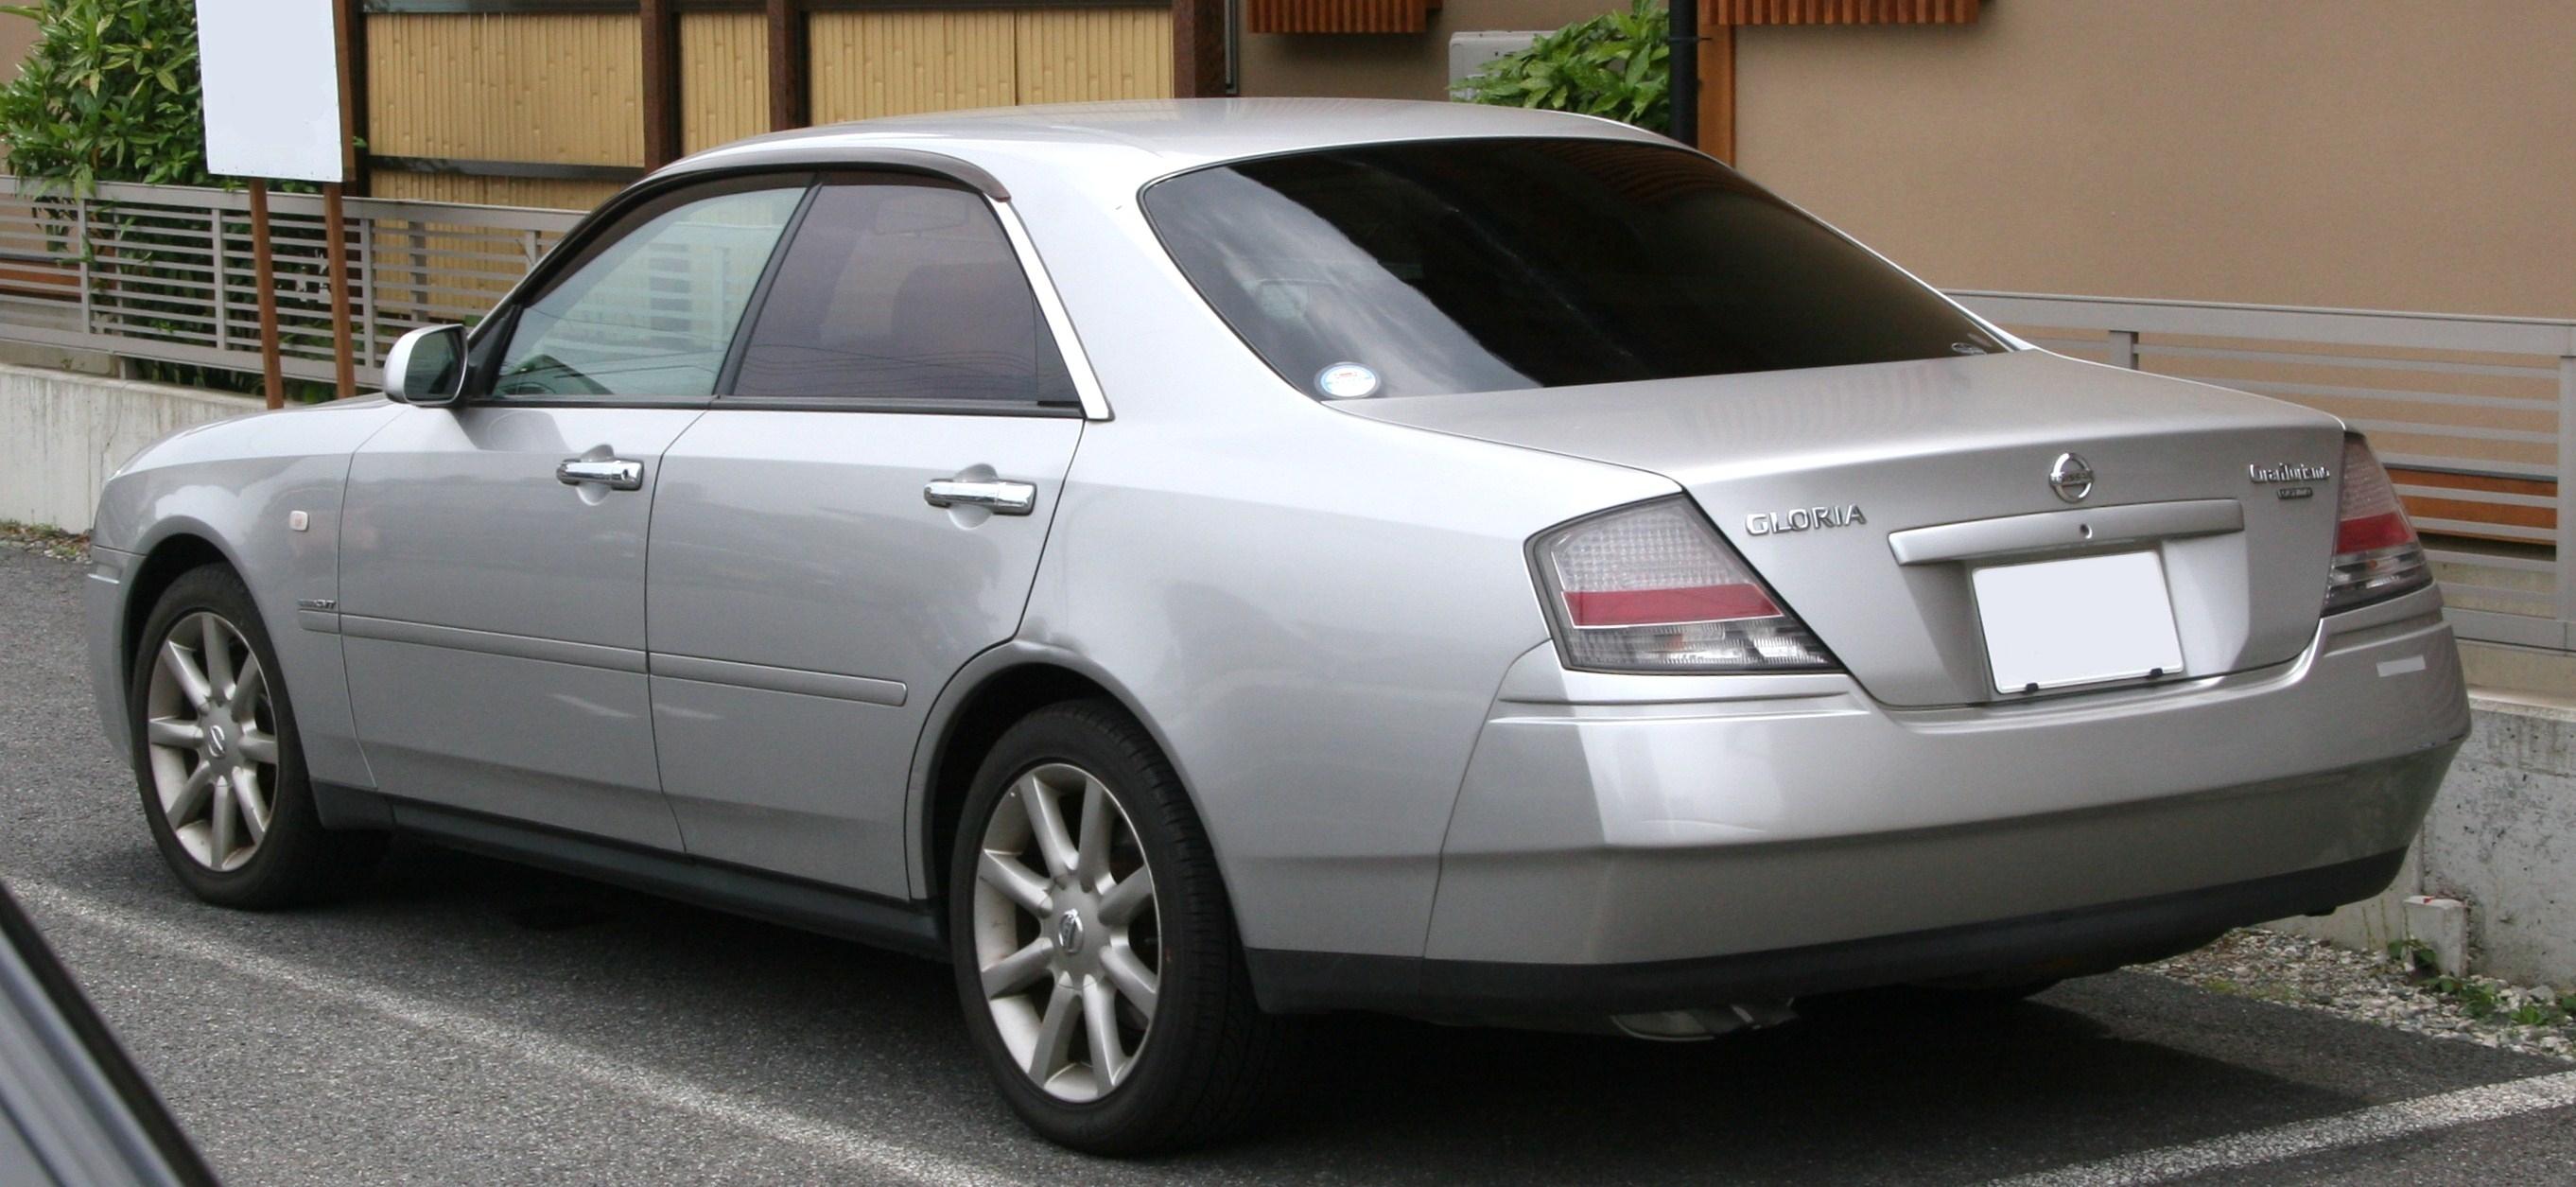 nissan gloria y34 2004